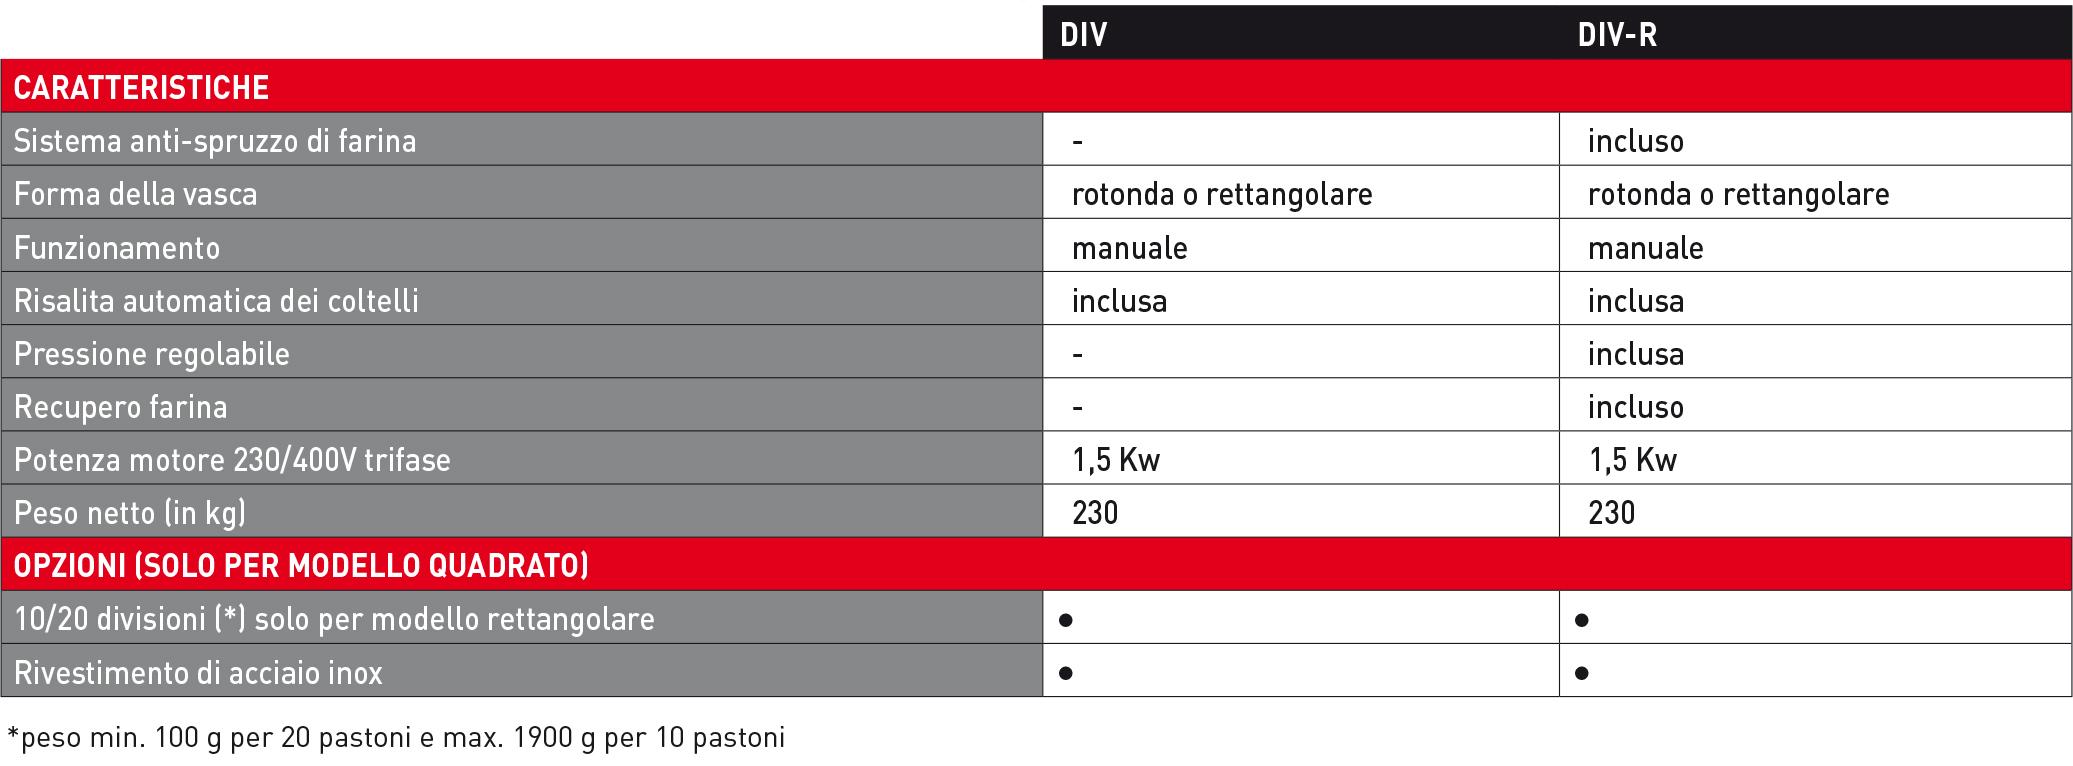 Spezzatrice idraulica a pressione variabile Div R